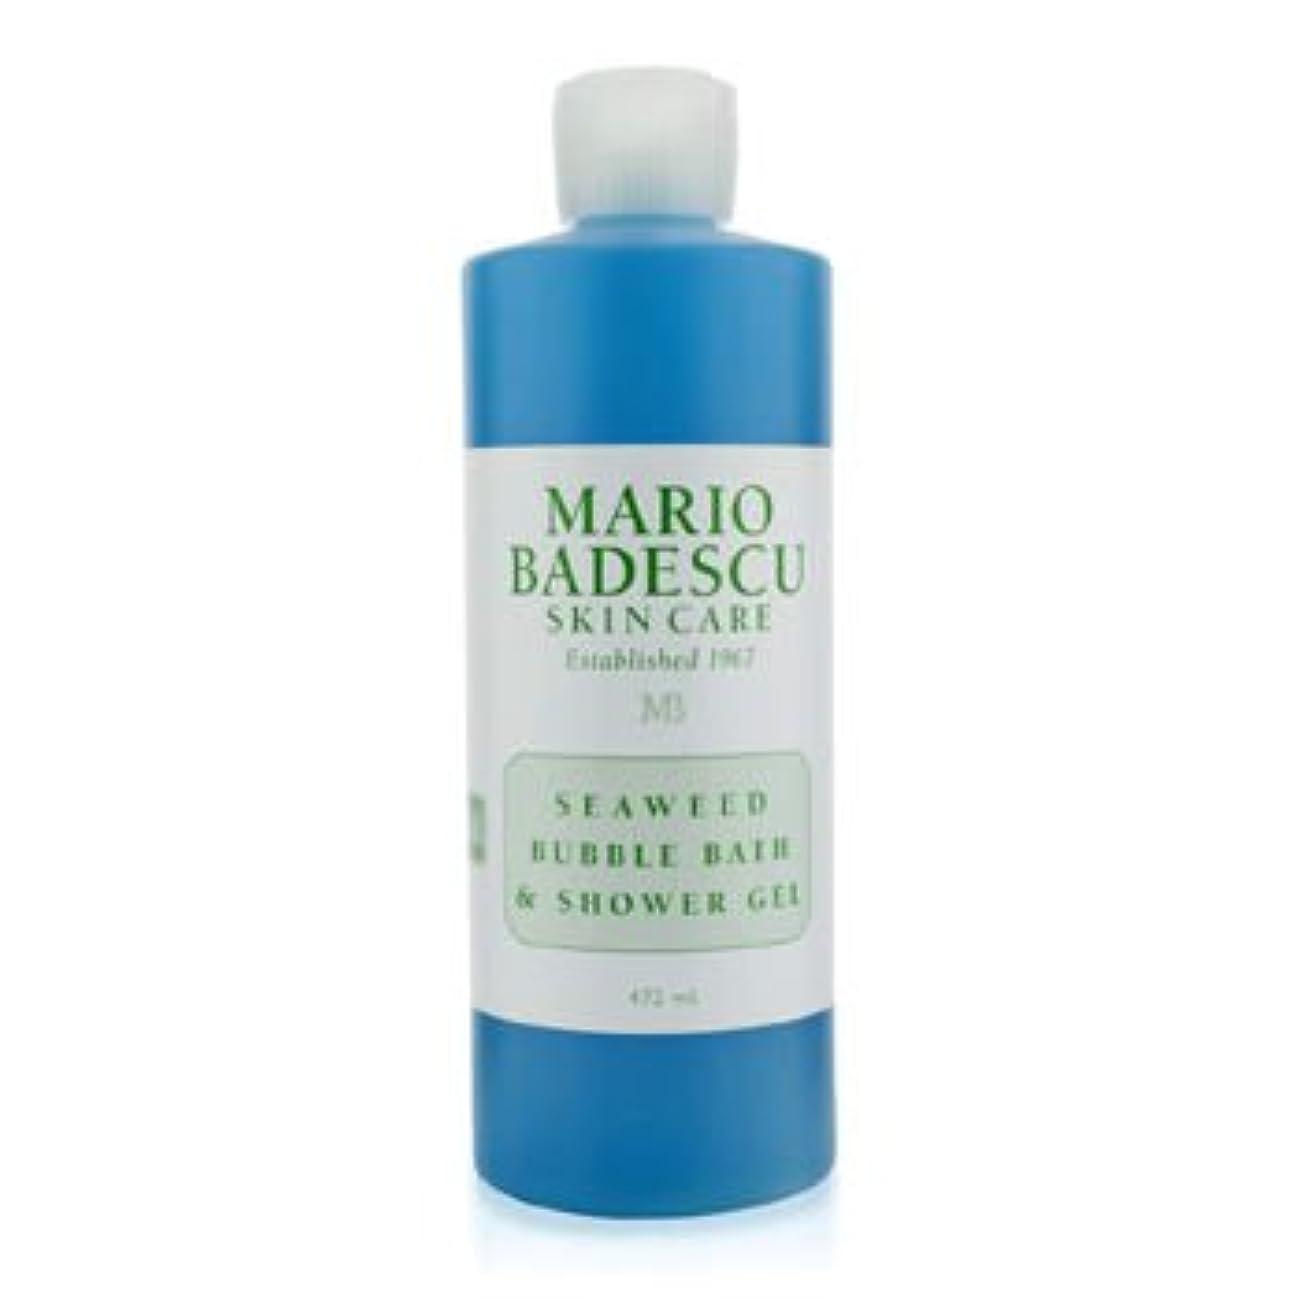 ビデオ比類のない絶望的な[Mario Badescu] Seaweed Bubble Bath & Shower Gel 472ml/16oz